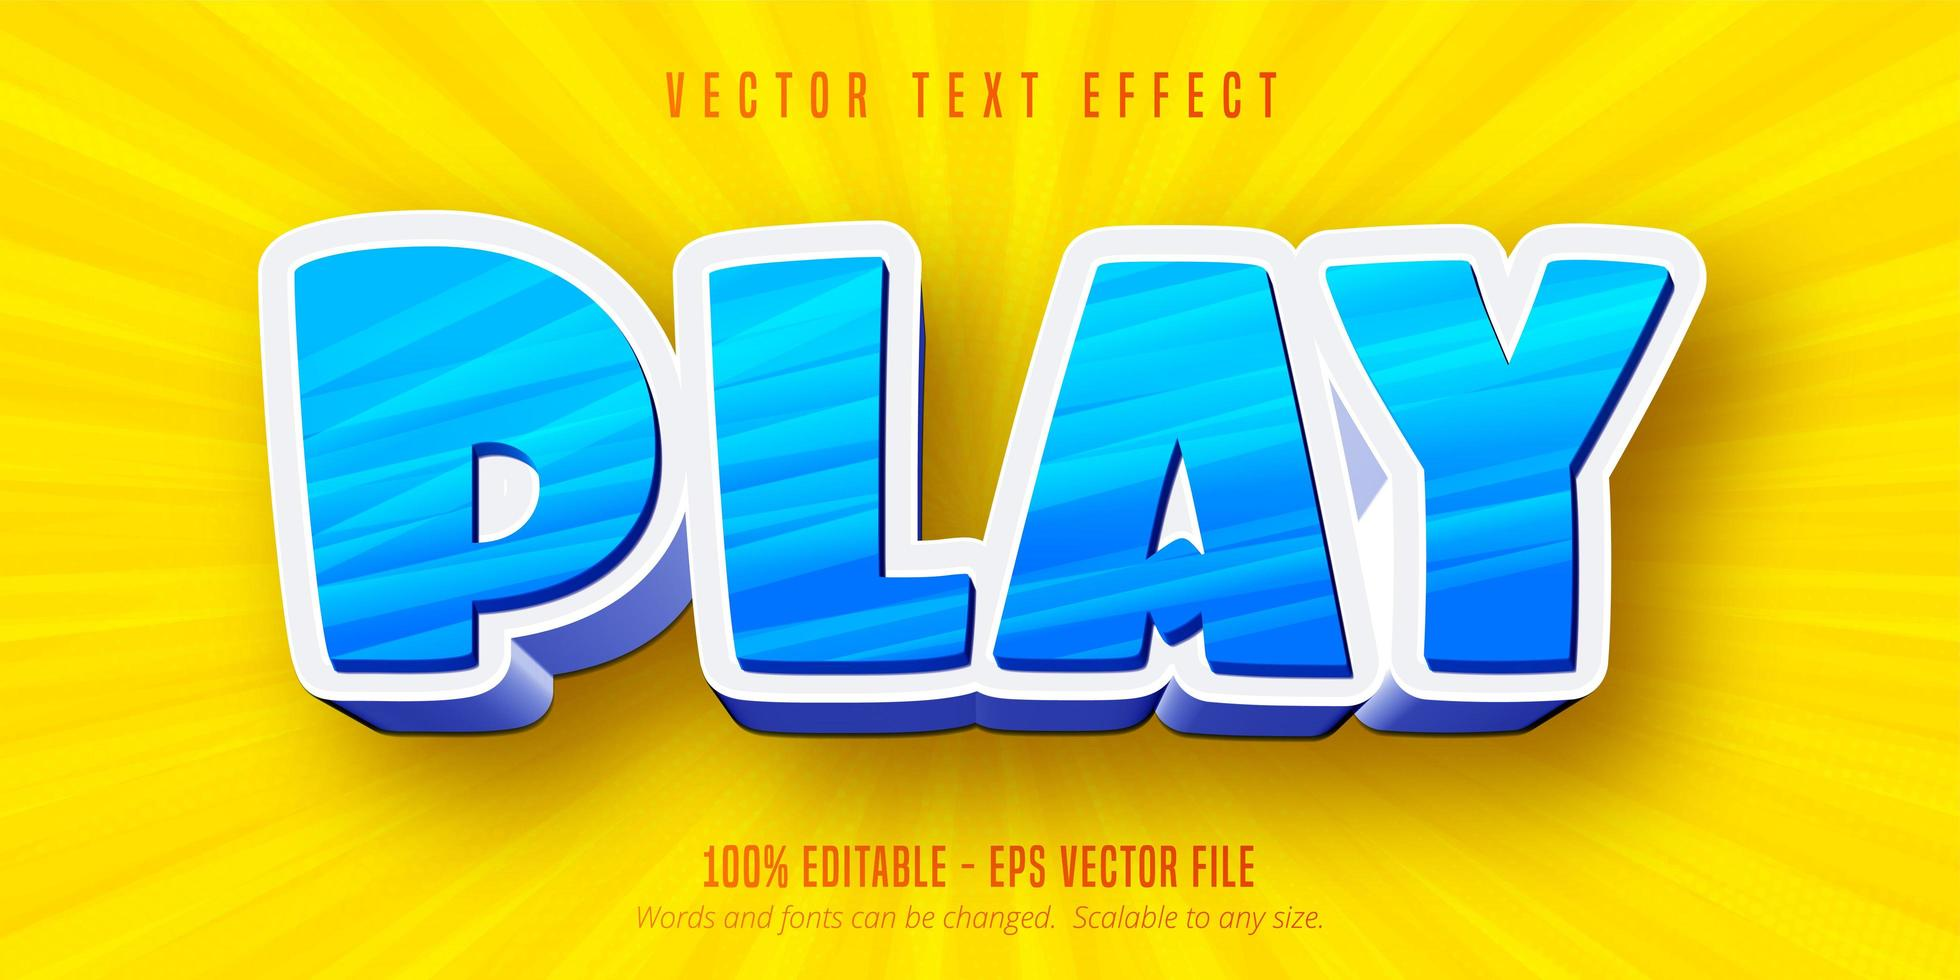 bearbeitbarer Texteffekt des blauen und weißen Spielkarikaturstils vektor